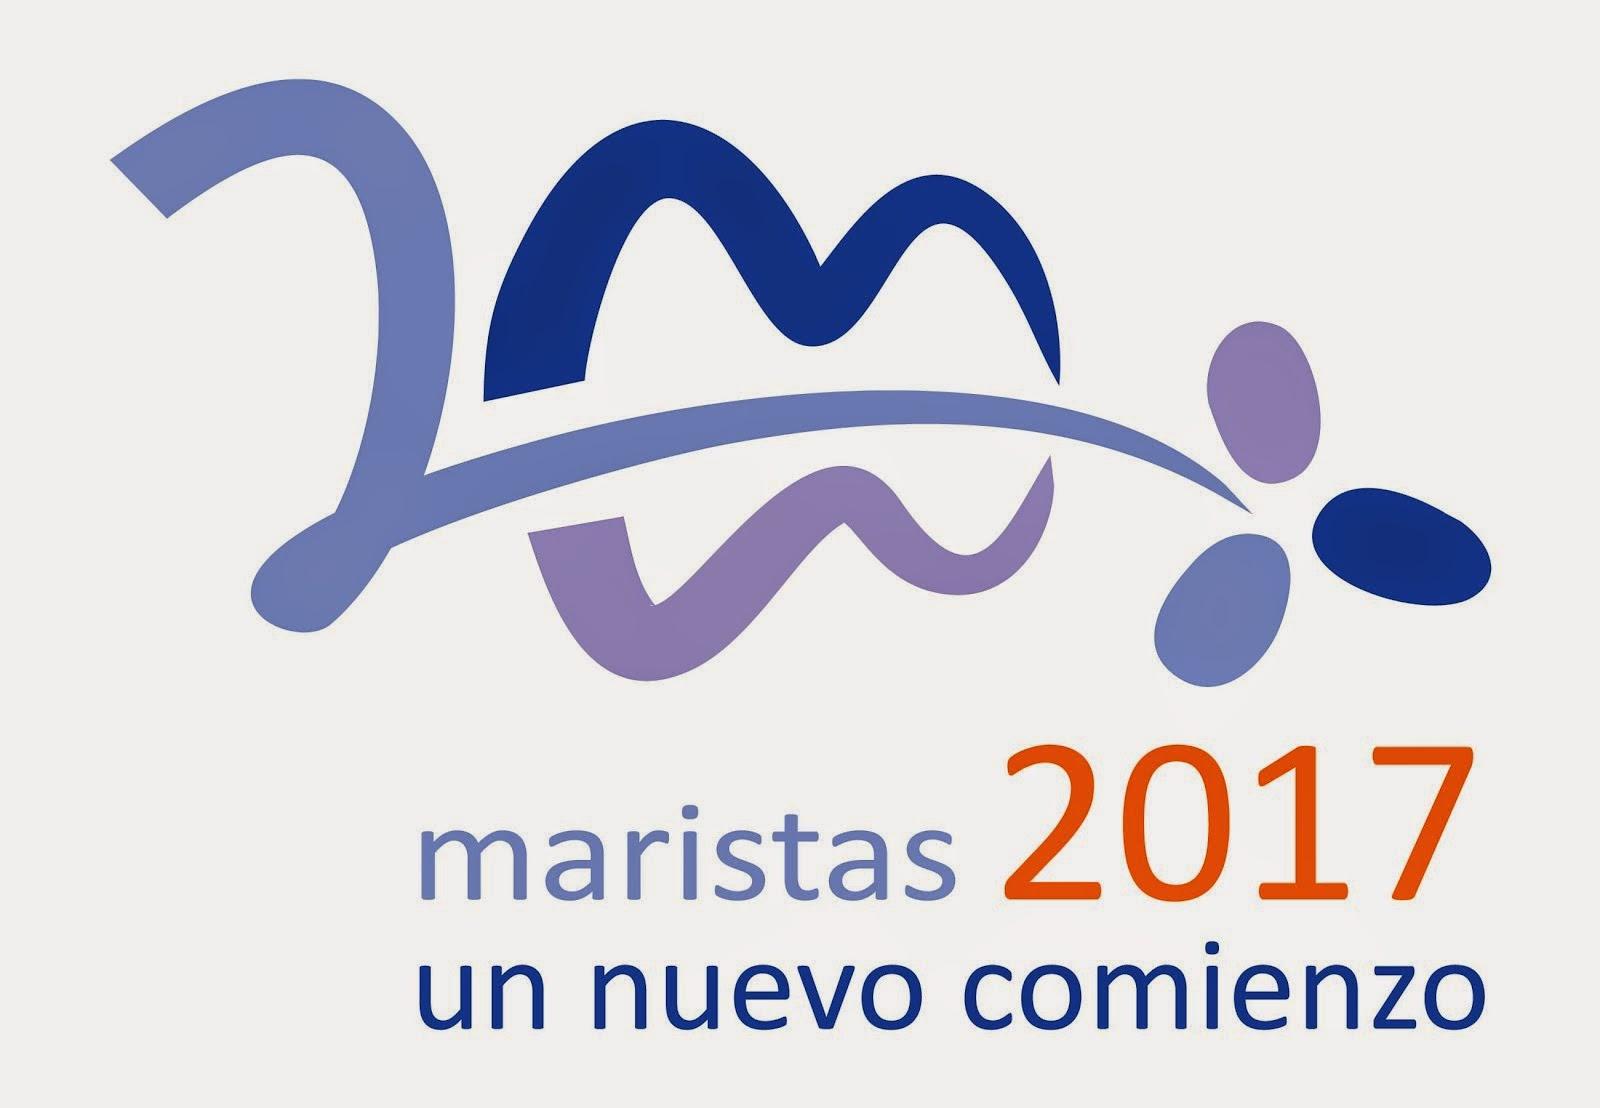 Bicentenario del Instituto